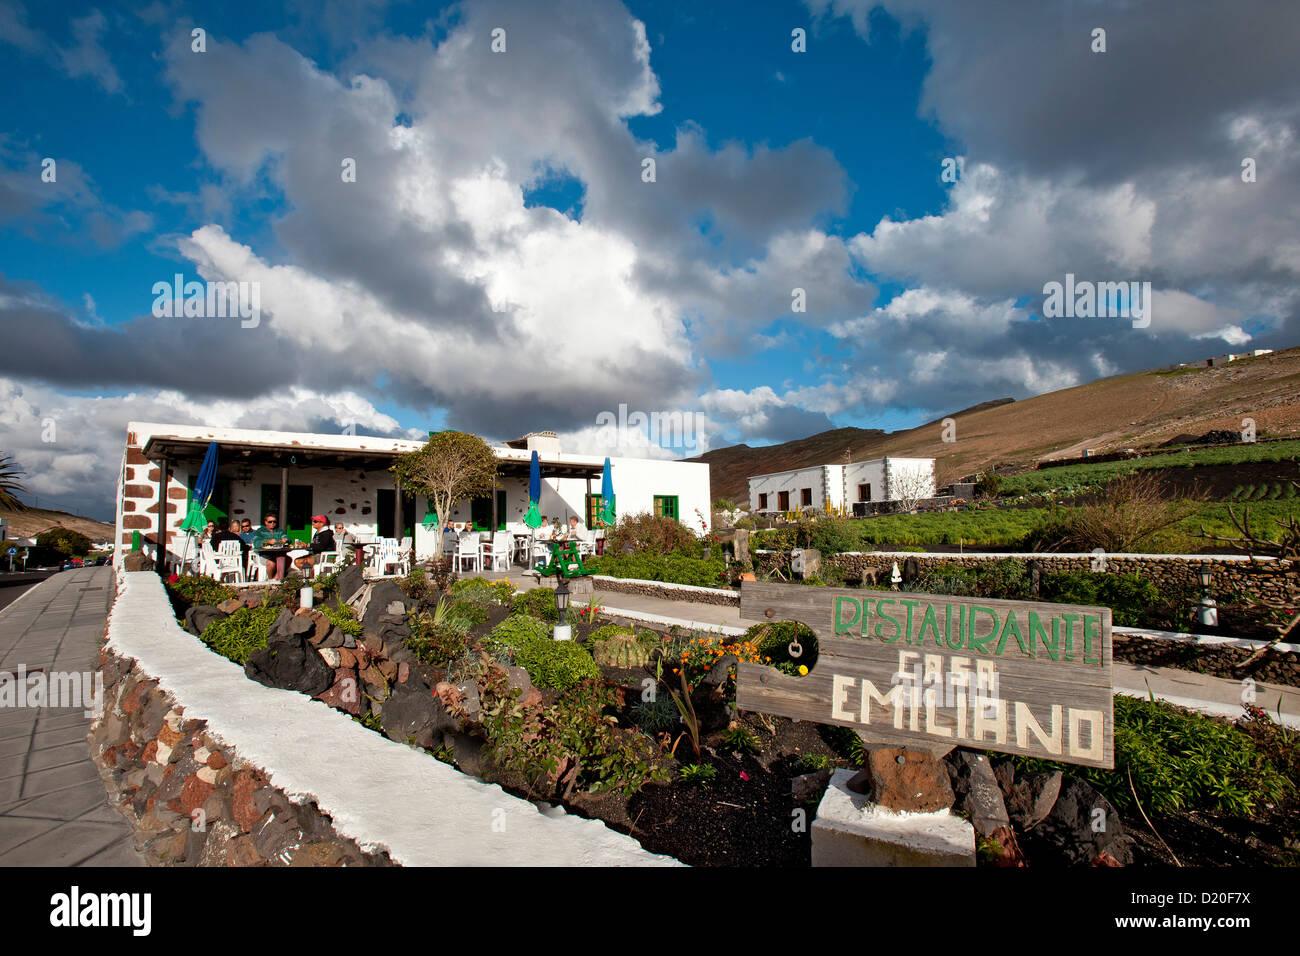 Restaurant Femes, Lanzarote, Kanarische Inseln, Spanien, Europa Stockbild